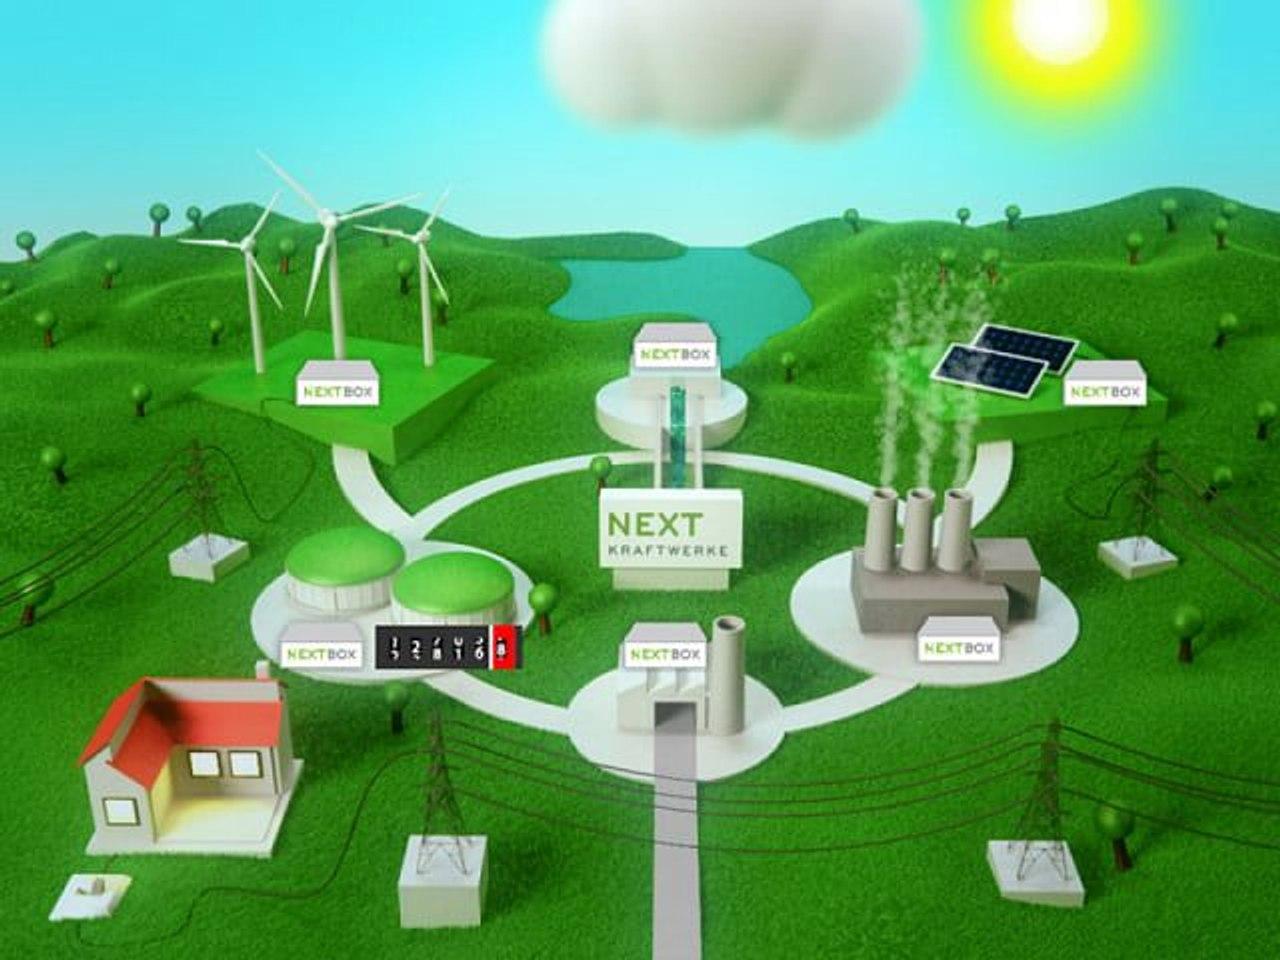 В Японии планируют запустить виртуальную электростанцию для управления объектами возобновляемой энергии